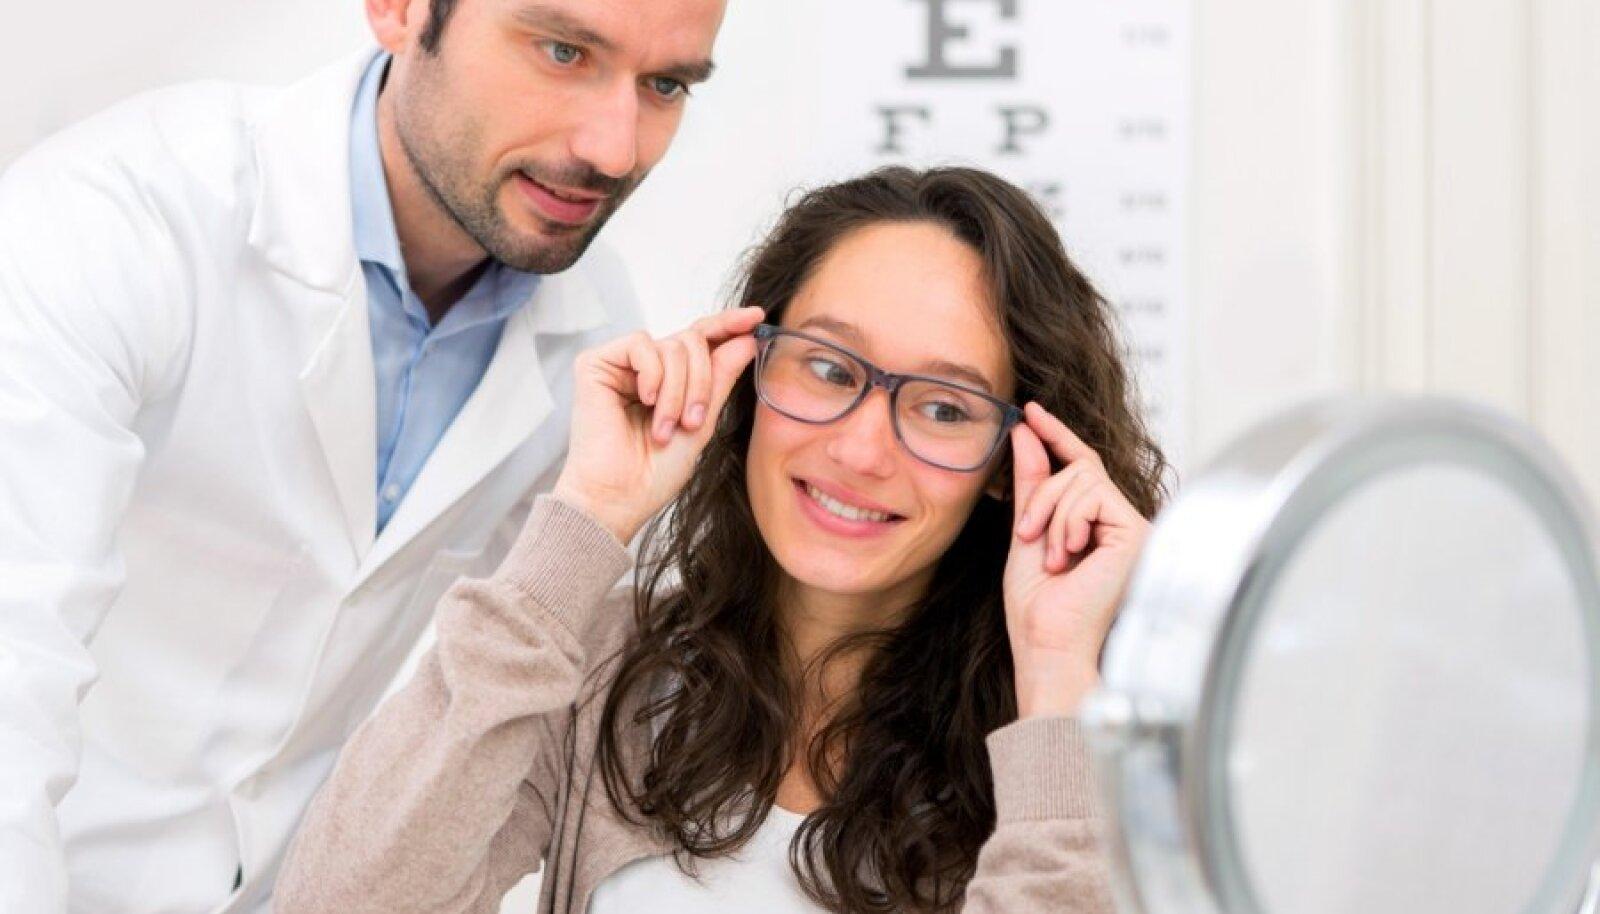 Enamasti on sooduskampaaniate reeglitesse lisanud piirangud klaasitootja, kellelt nägemisvahendid sisse ostetakse.